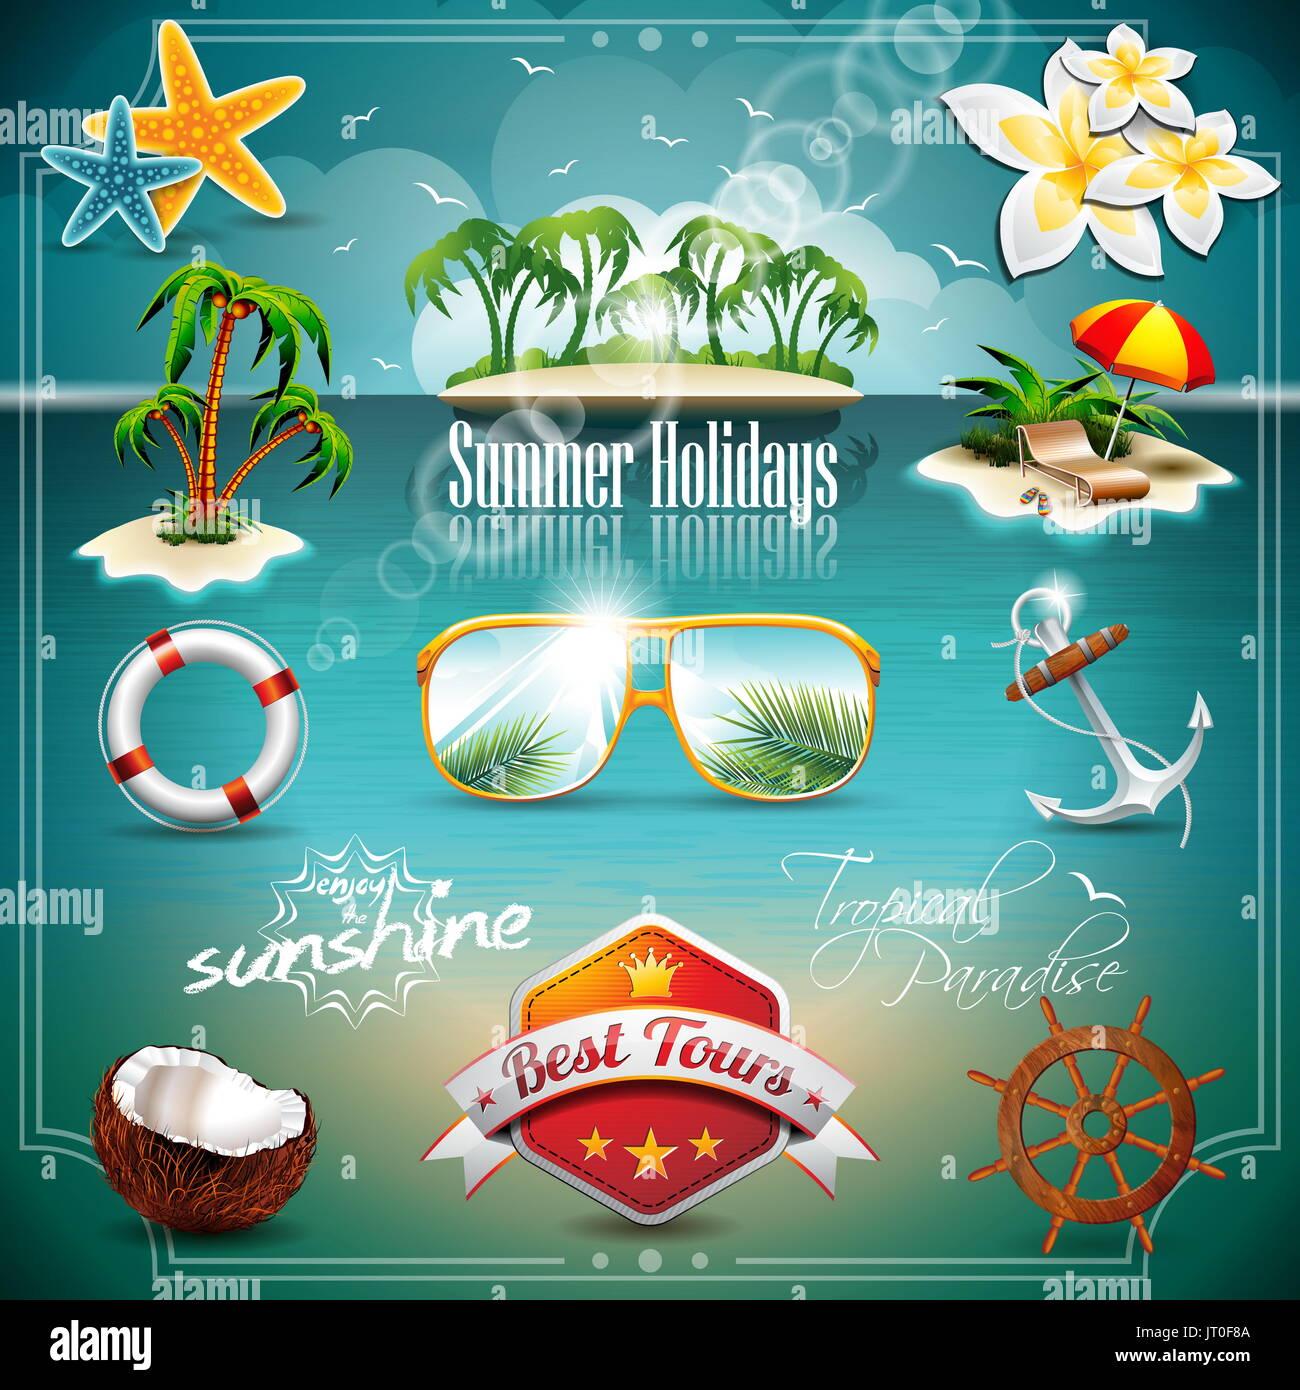 Vector Icono de vacaciones de verano en el mar azul de fondo. Eps10 ilustración. Imagen De Stock